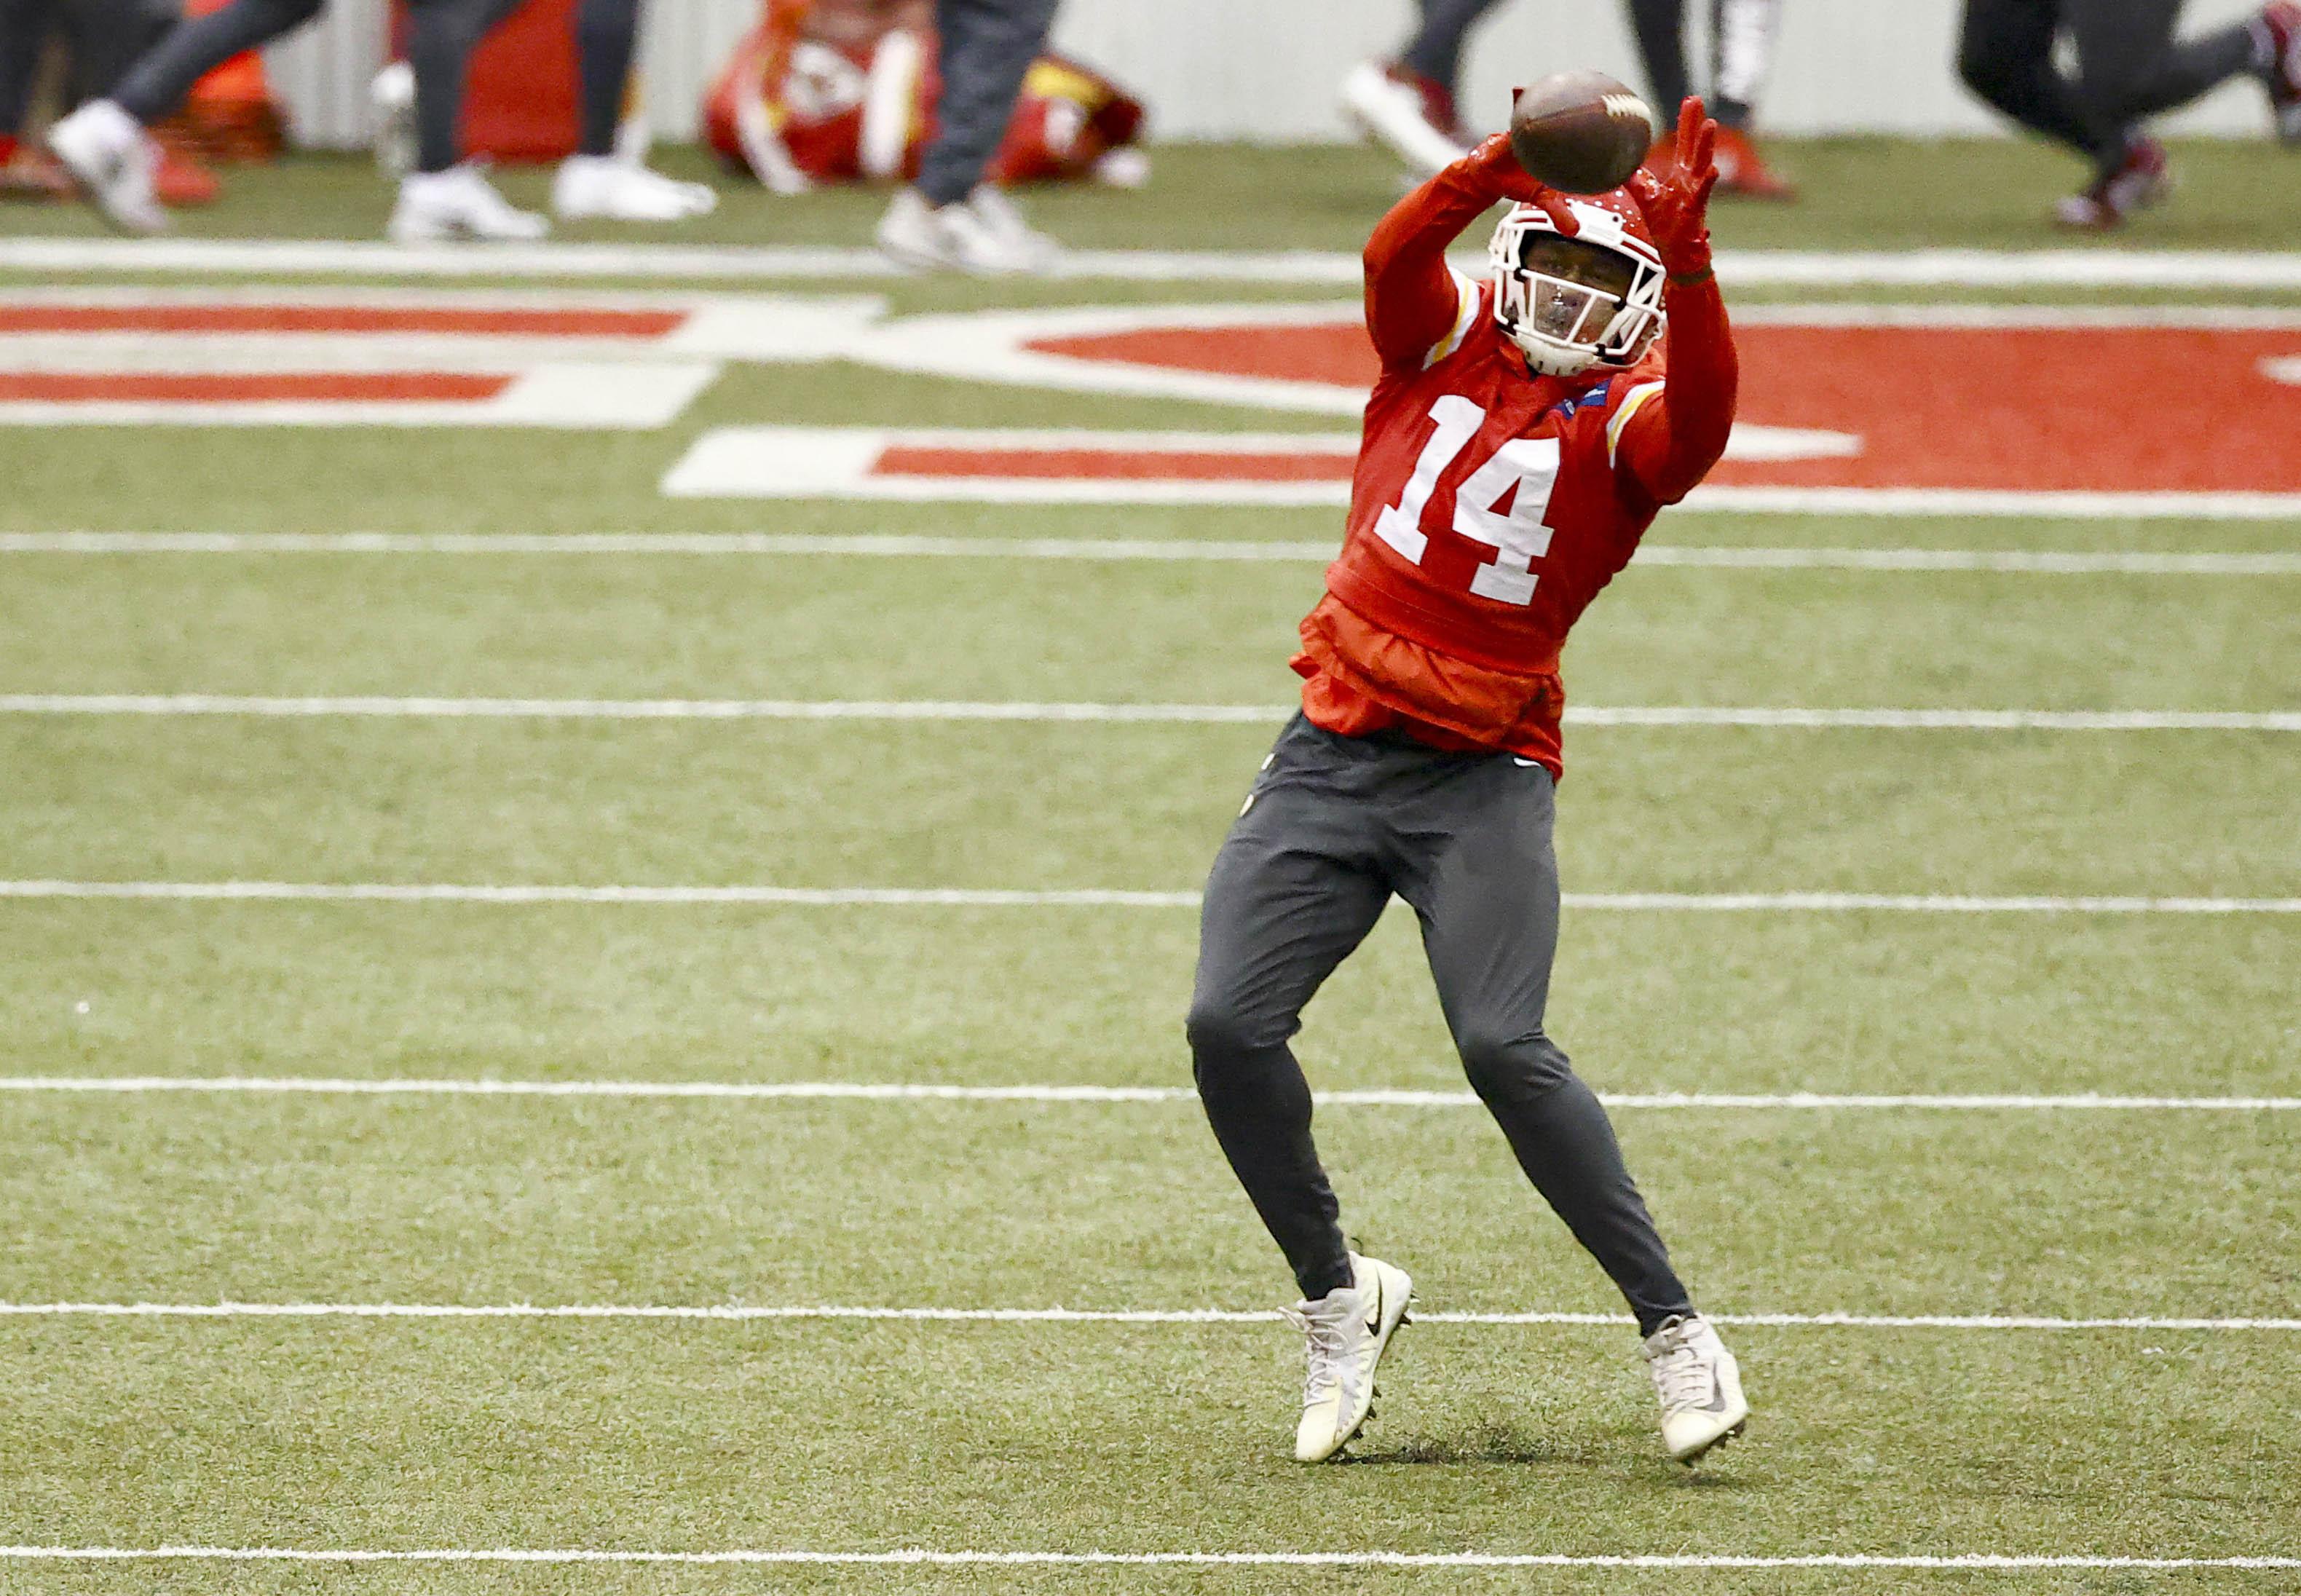 NFL: Super Bowl LV-Kansas City Chiefs Practice